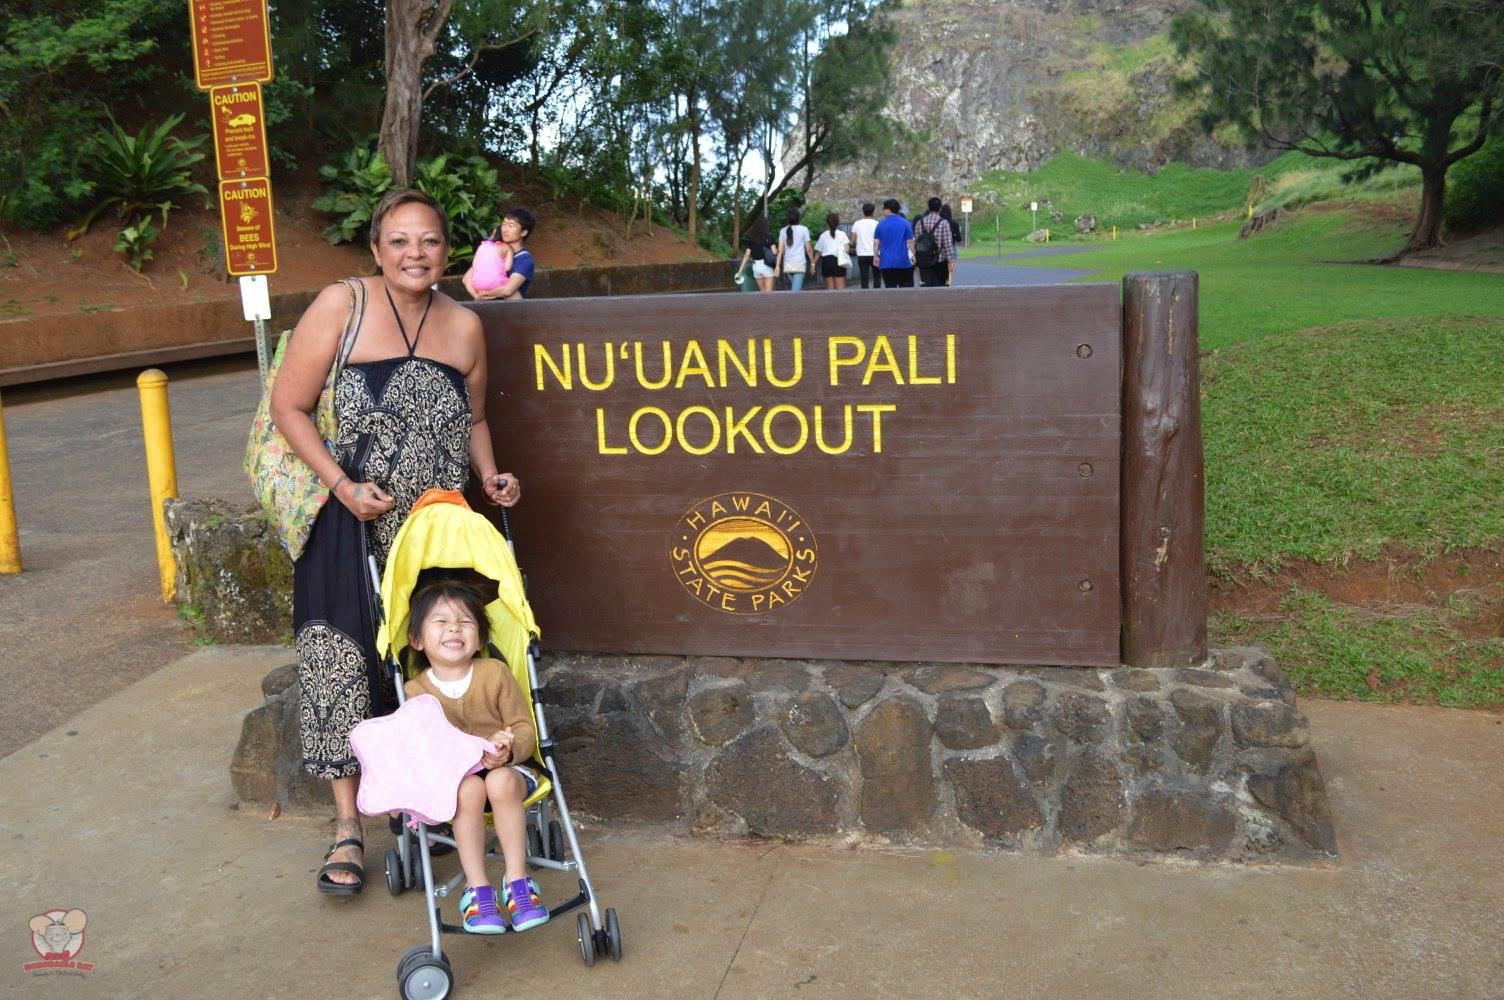 Big smiles at Nu'uanu Pali Lookout